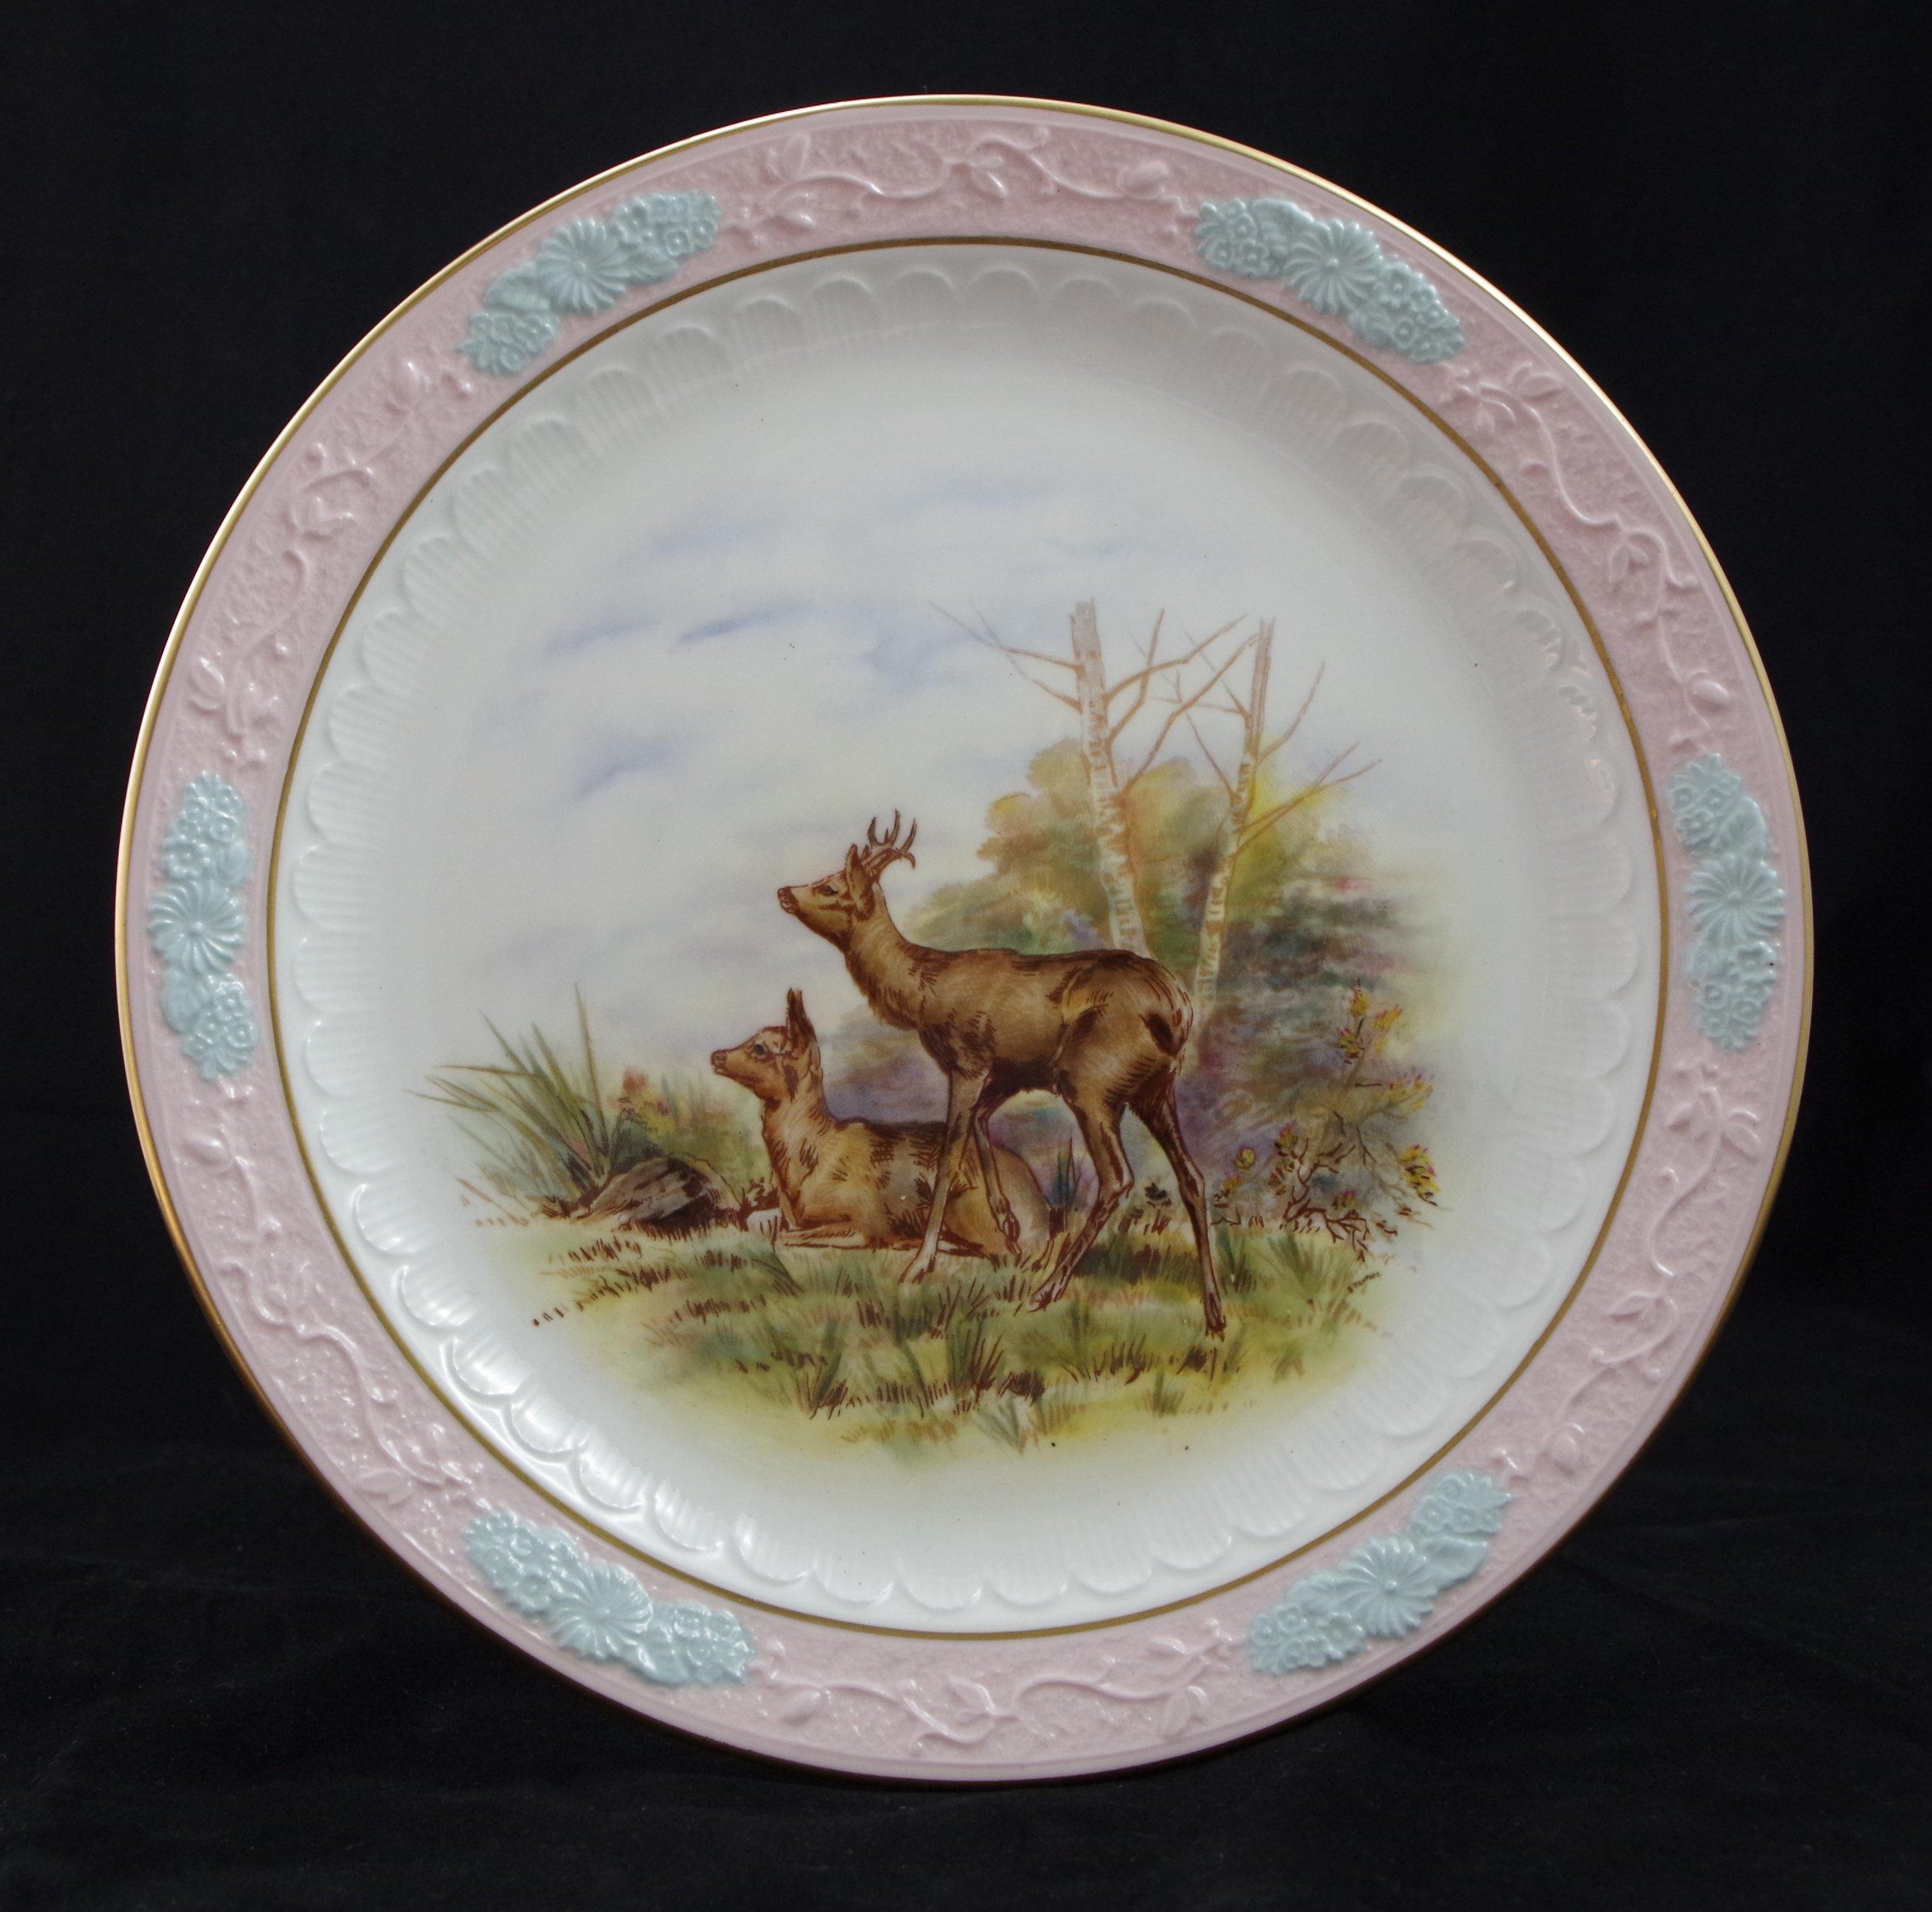 royal-crown-derby-embossed-rim-pink-blue-ground-stag-deer-scene-1